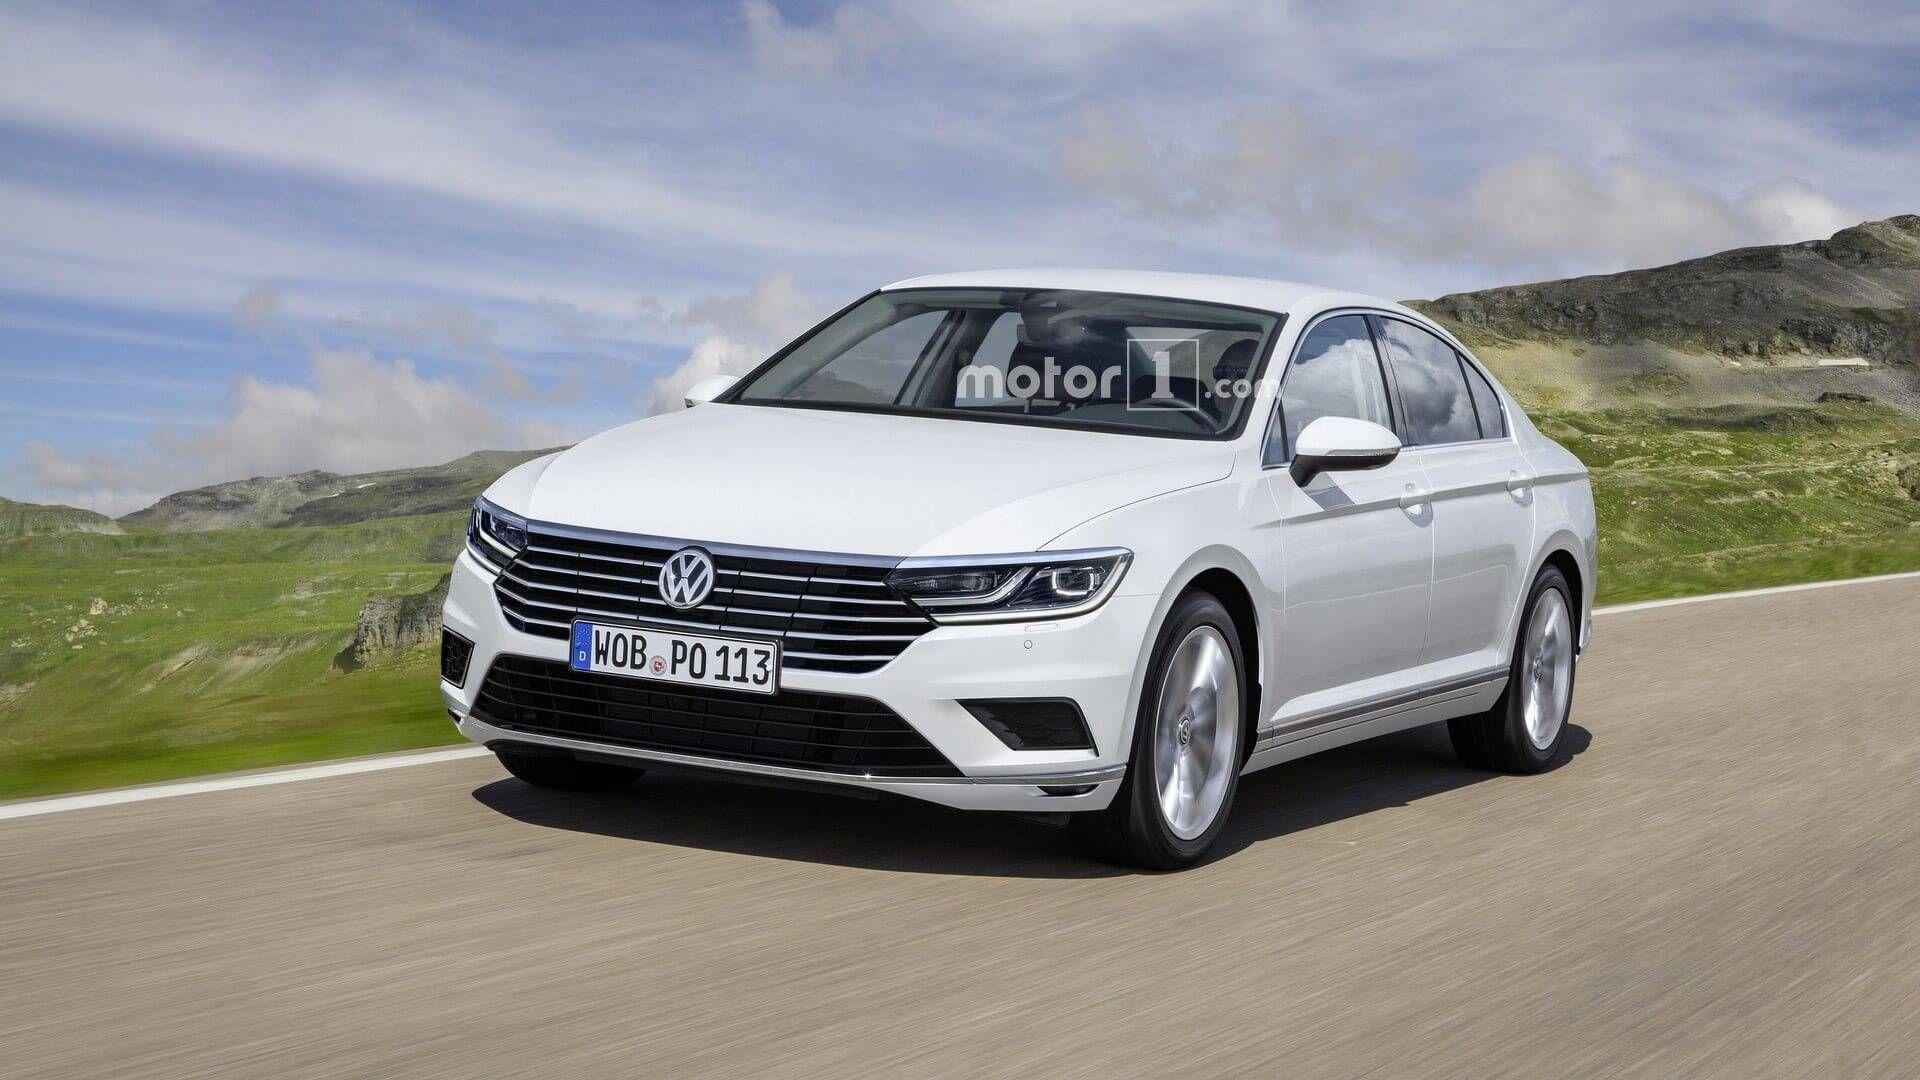 Volkswagen Passat 2019 Exterior And Interior Review Volkswagen Passat Volkswagen Cc Volkswagen